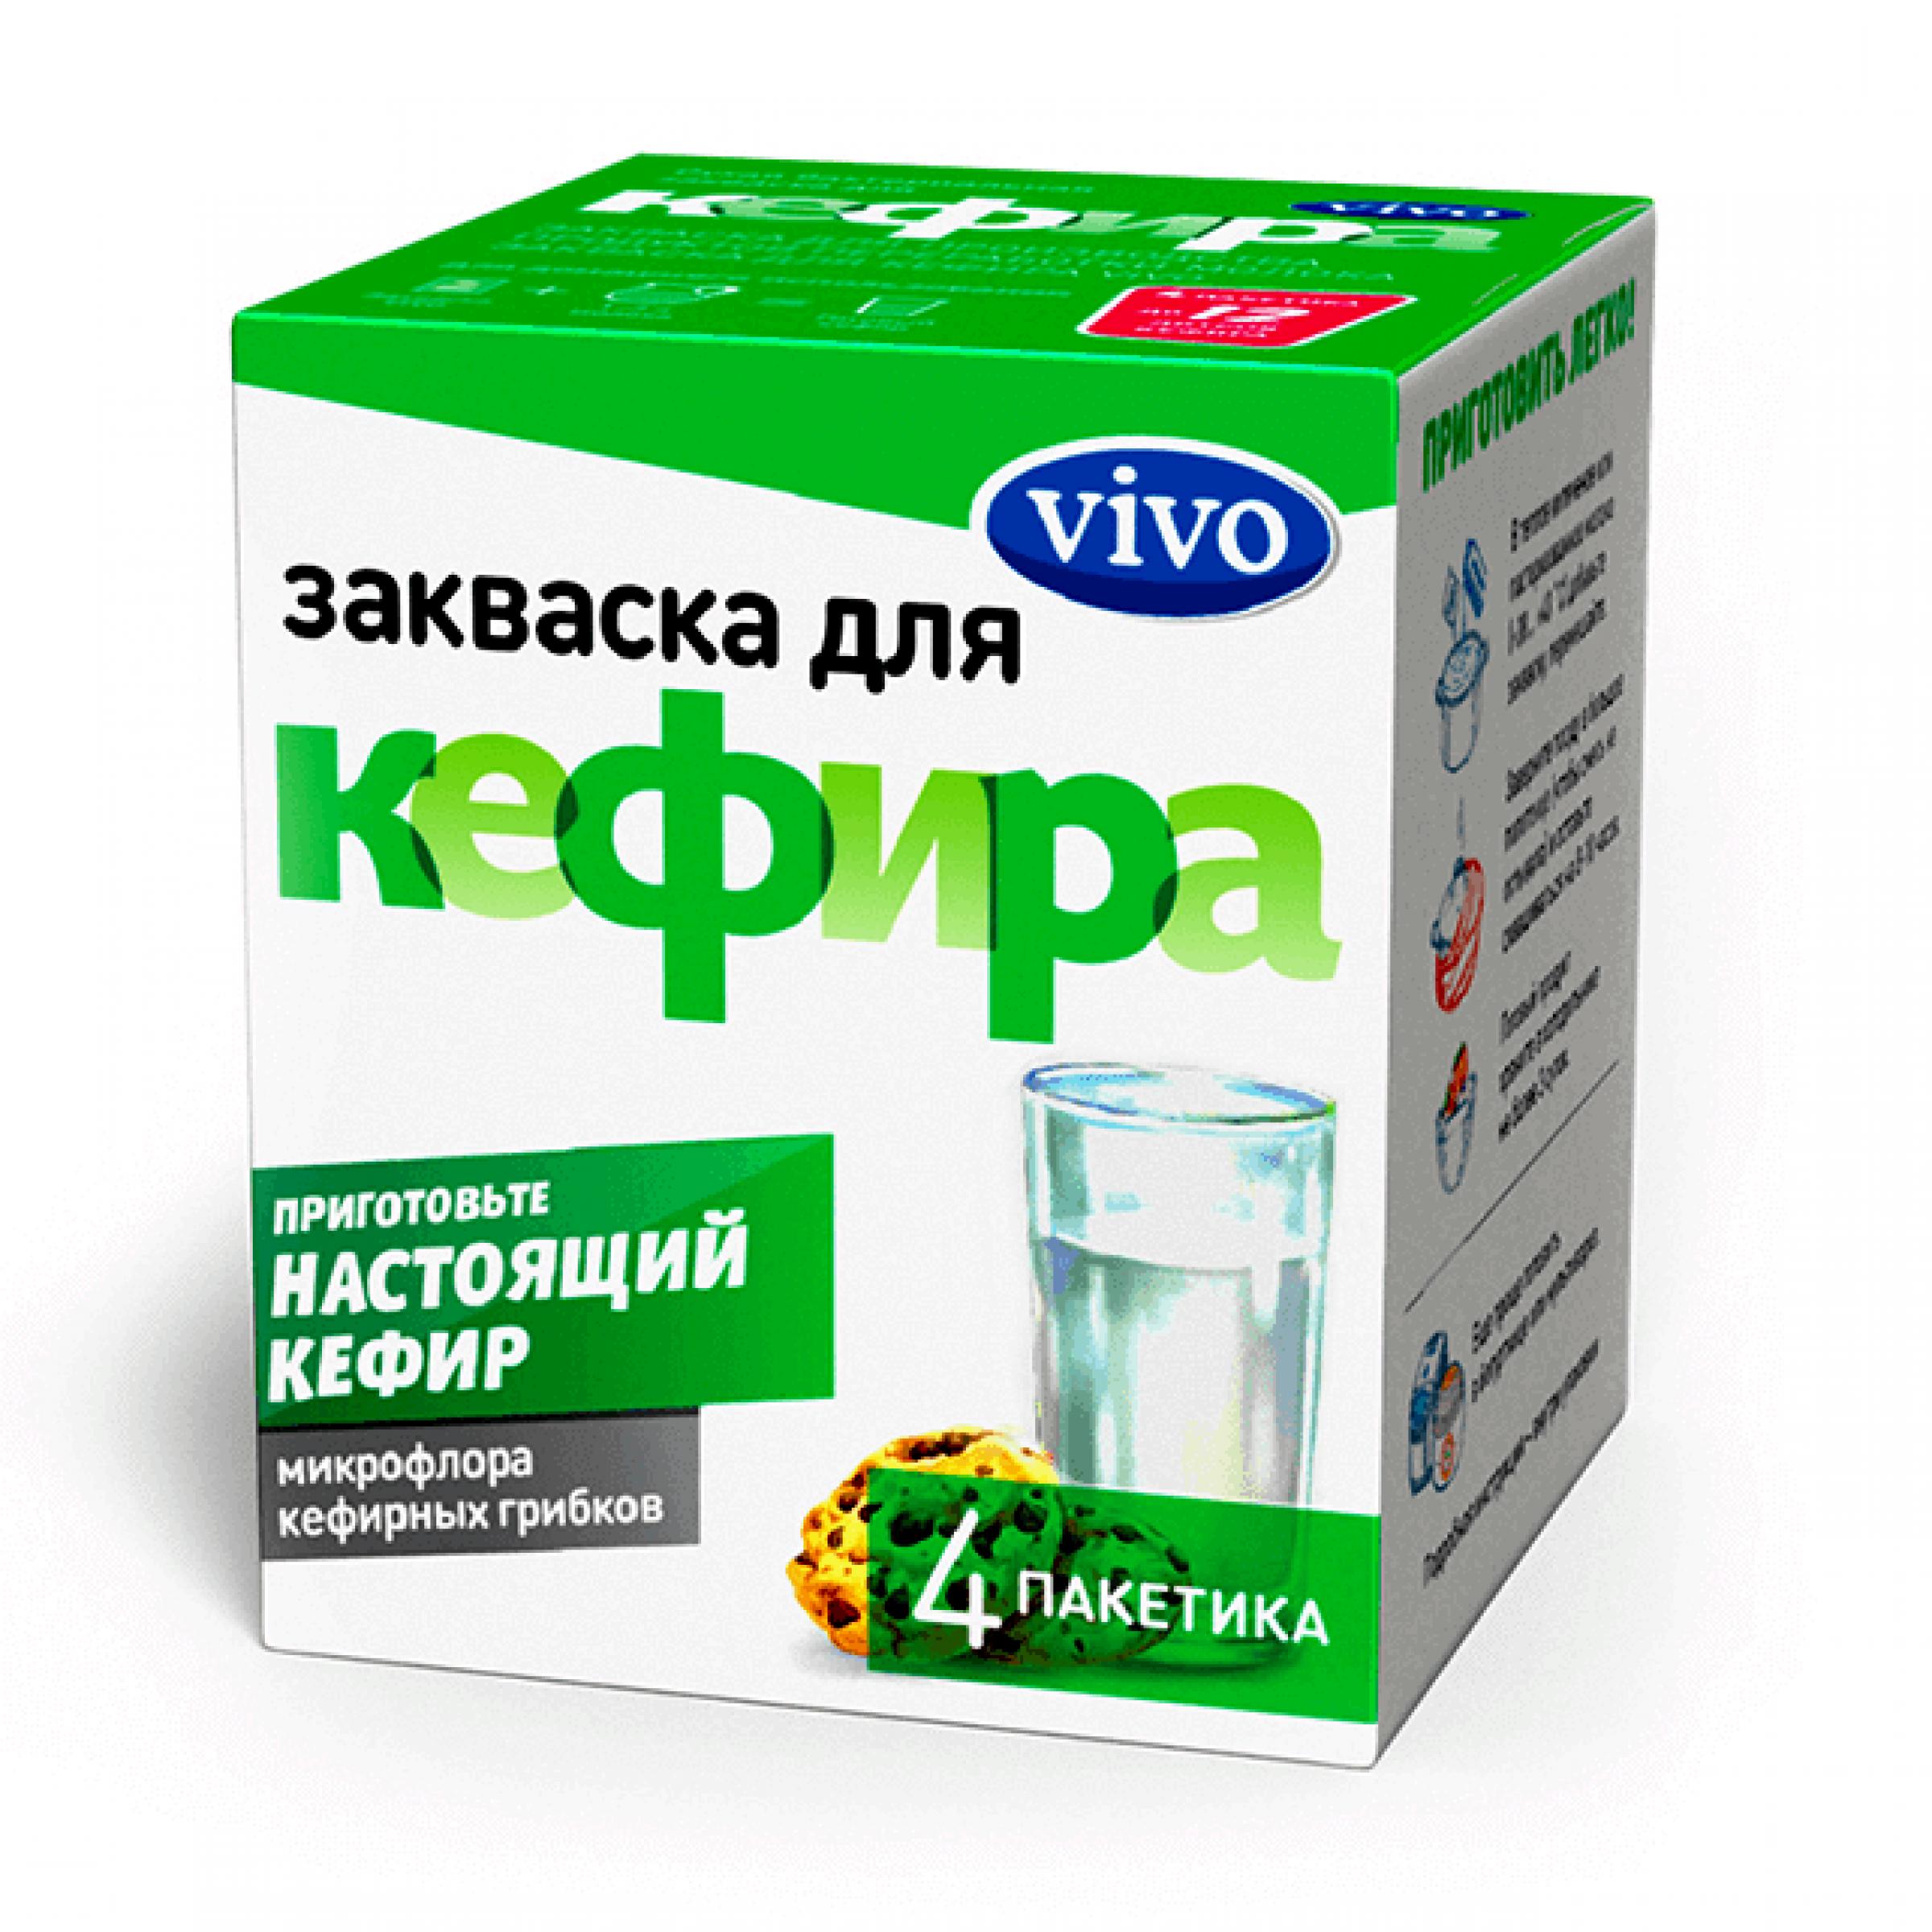 Закваска живая Кефир VIVO для приготовления кисломолочных продуктов в домашних условиях, 4 пакета *0, 5гр